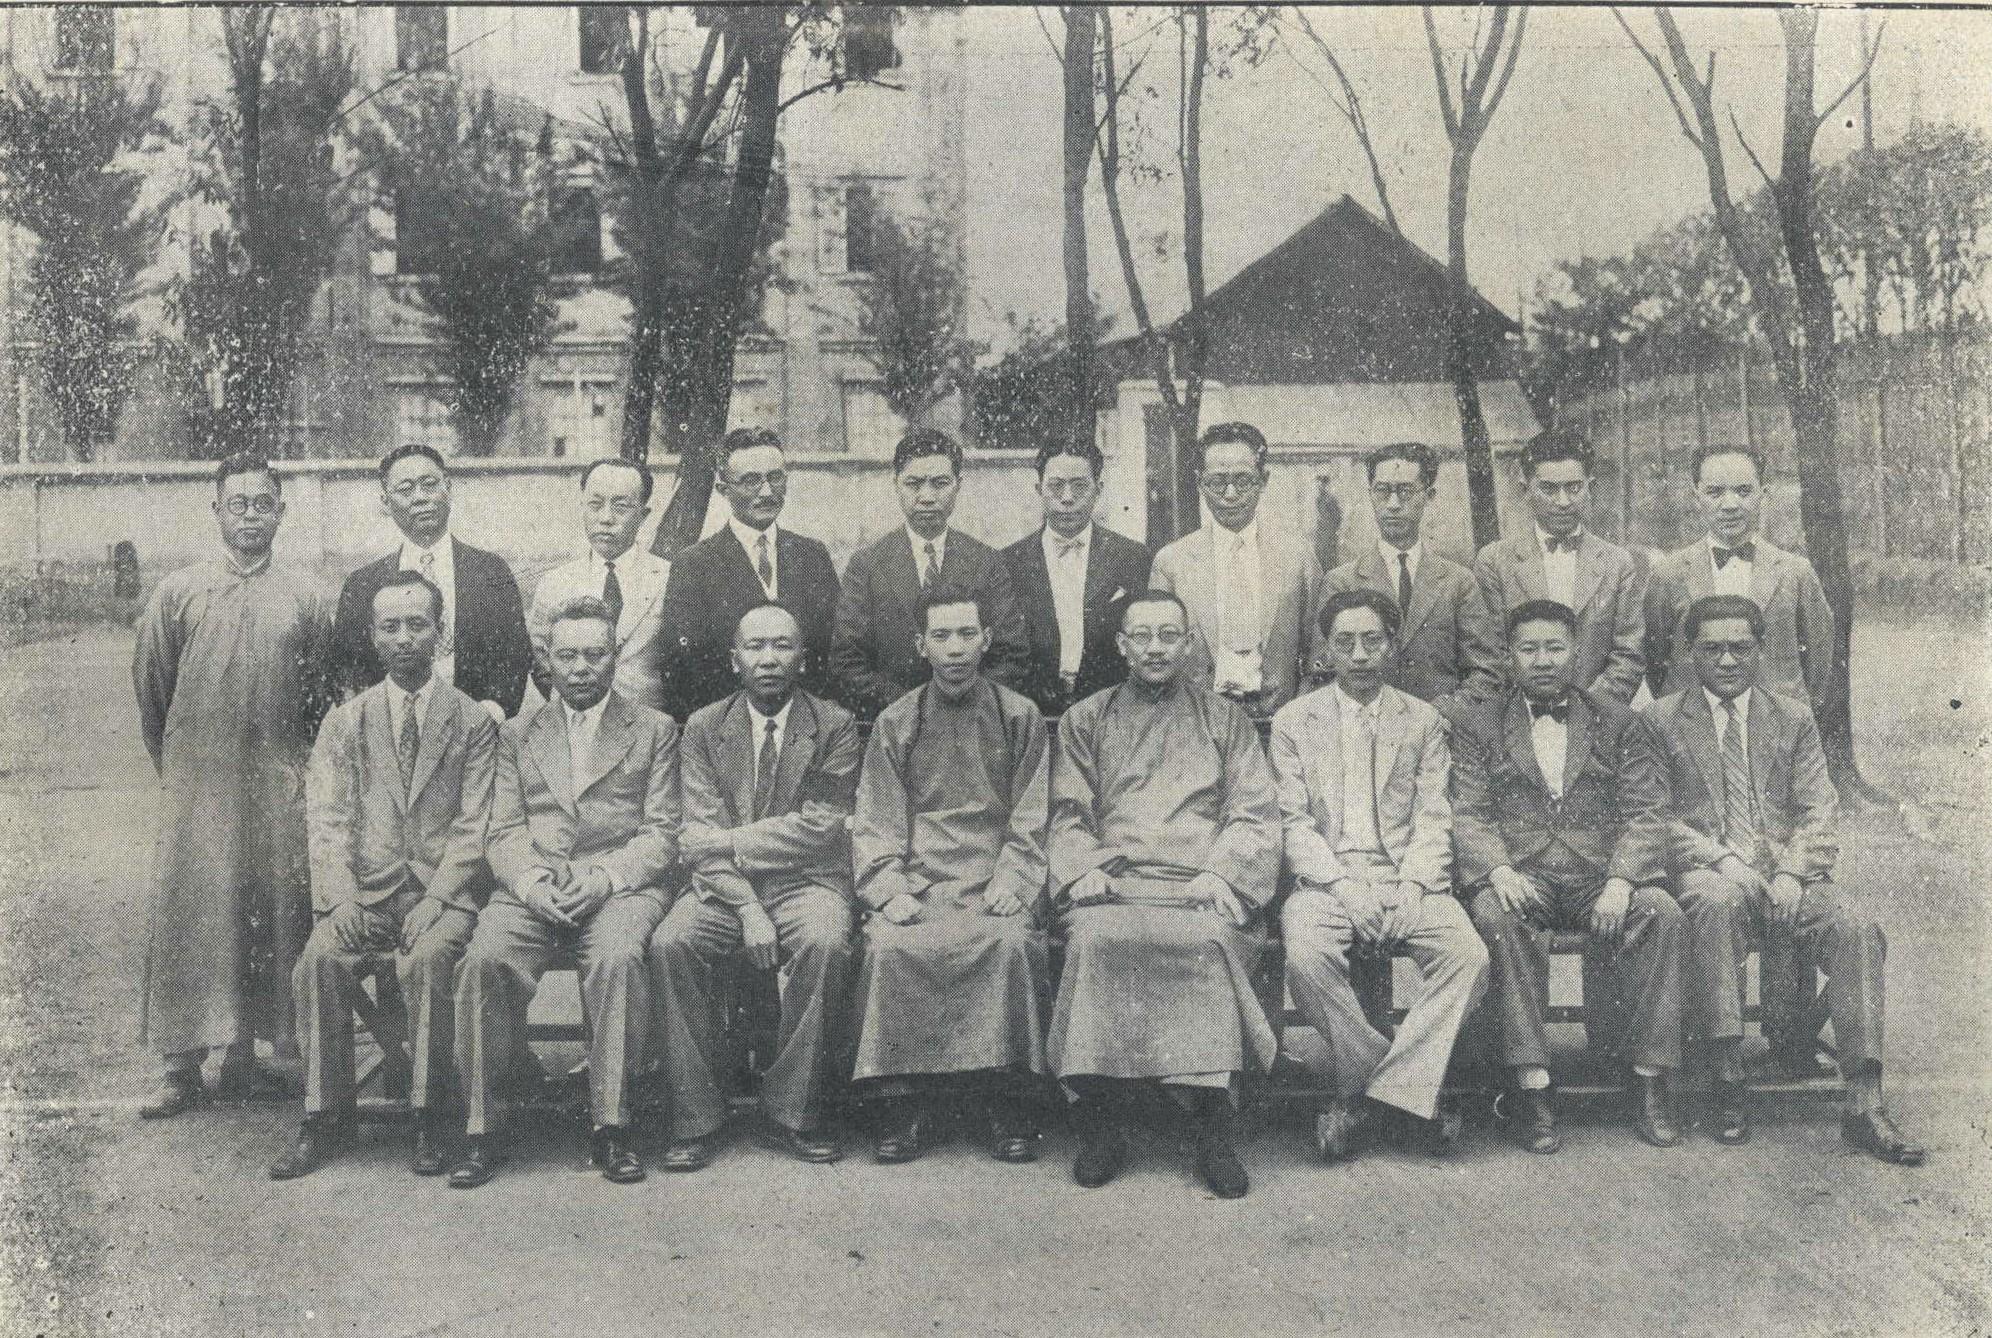 1930年,王伯群(前排右四)与大夏大学校务委员会合影